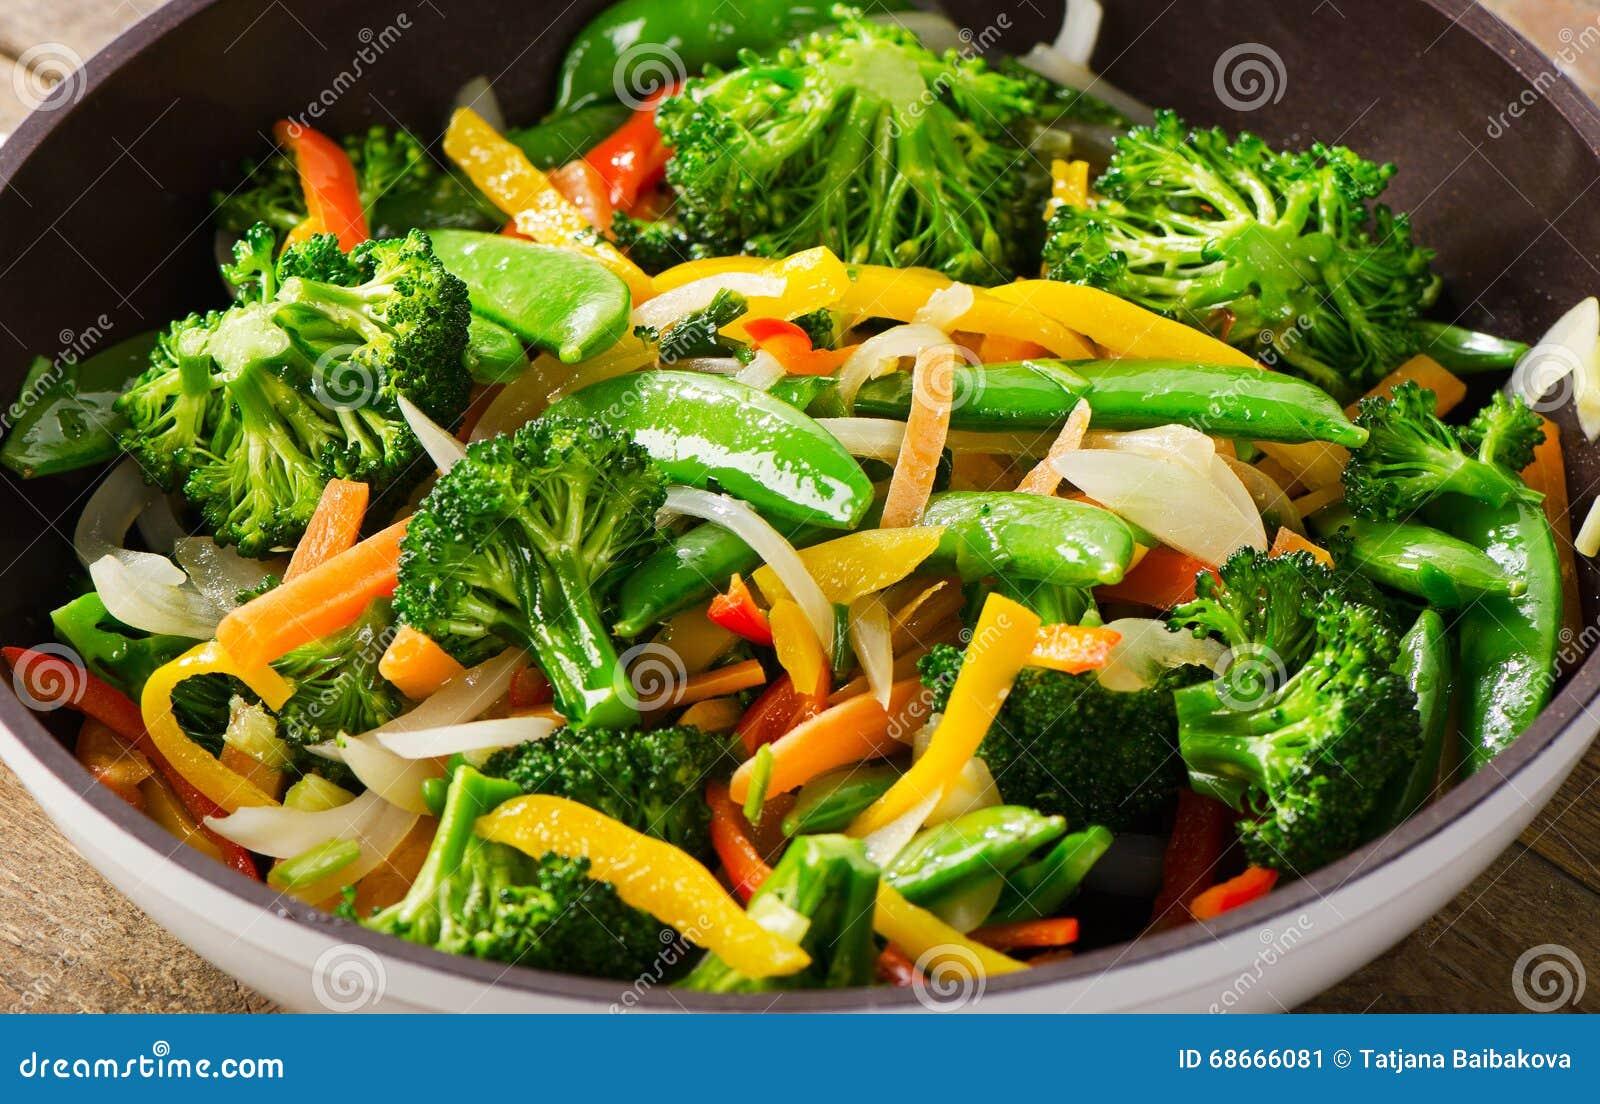 在平底锅的菜混乱油炸物